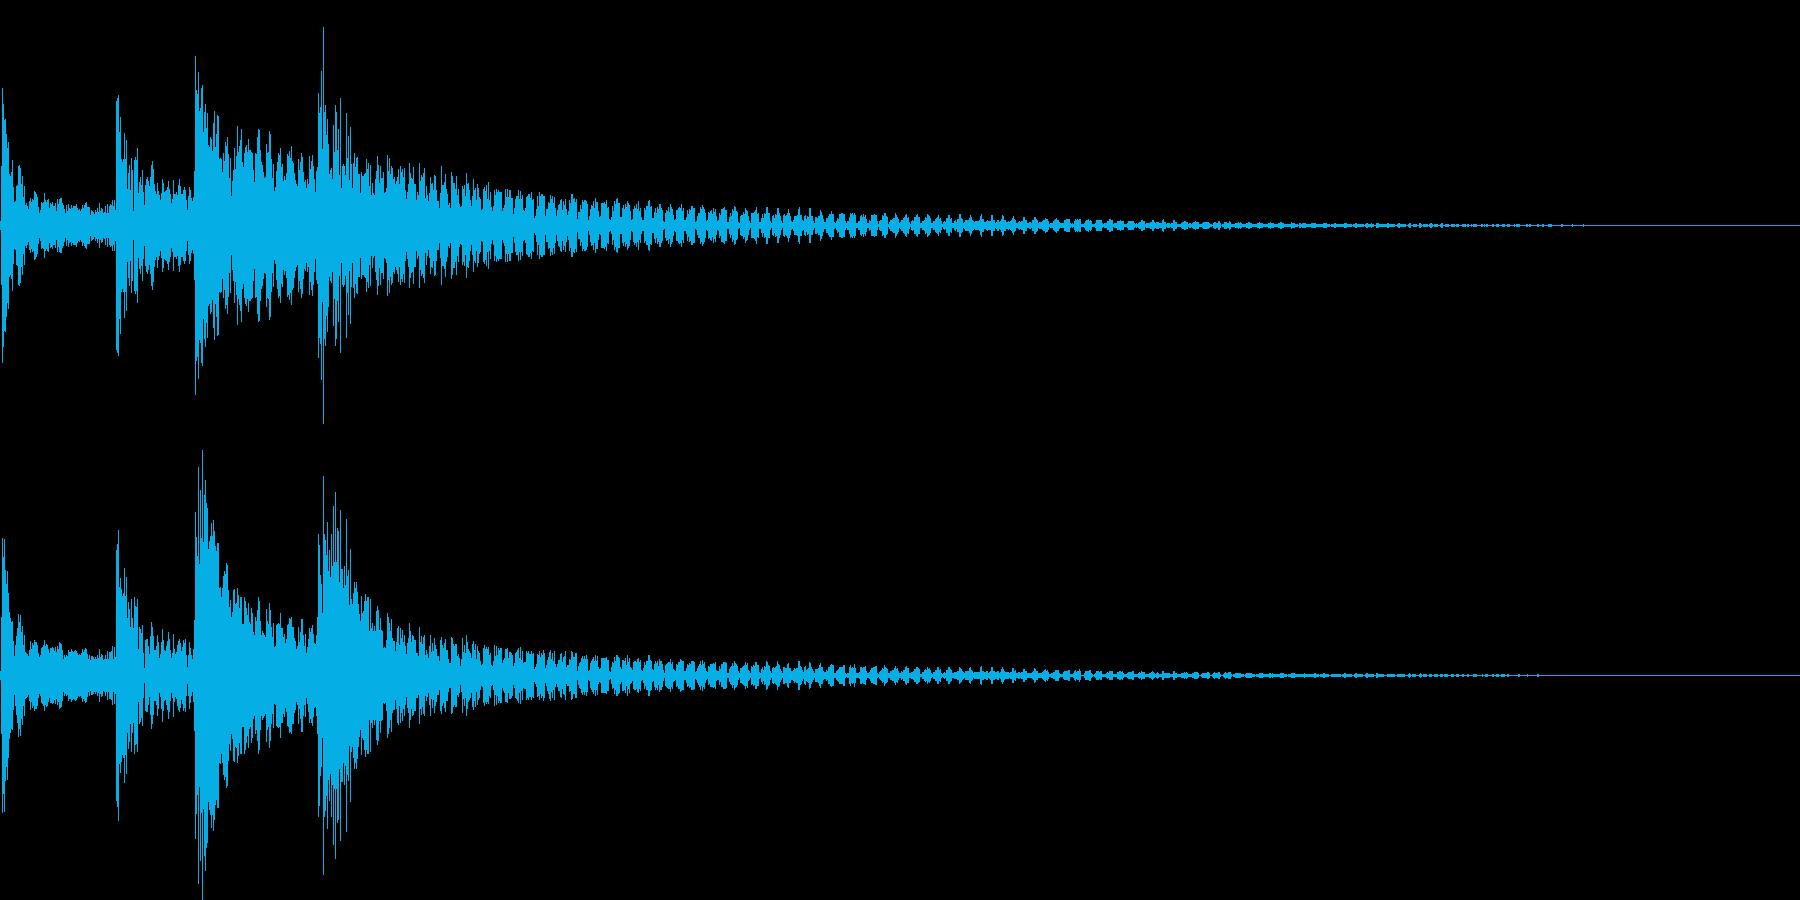 コロロンちょっと低音(出現、回転、結果)の再生済みの波形